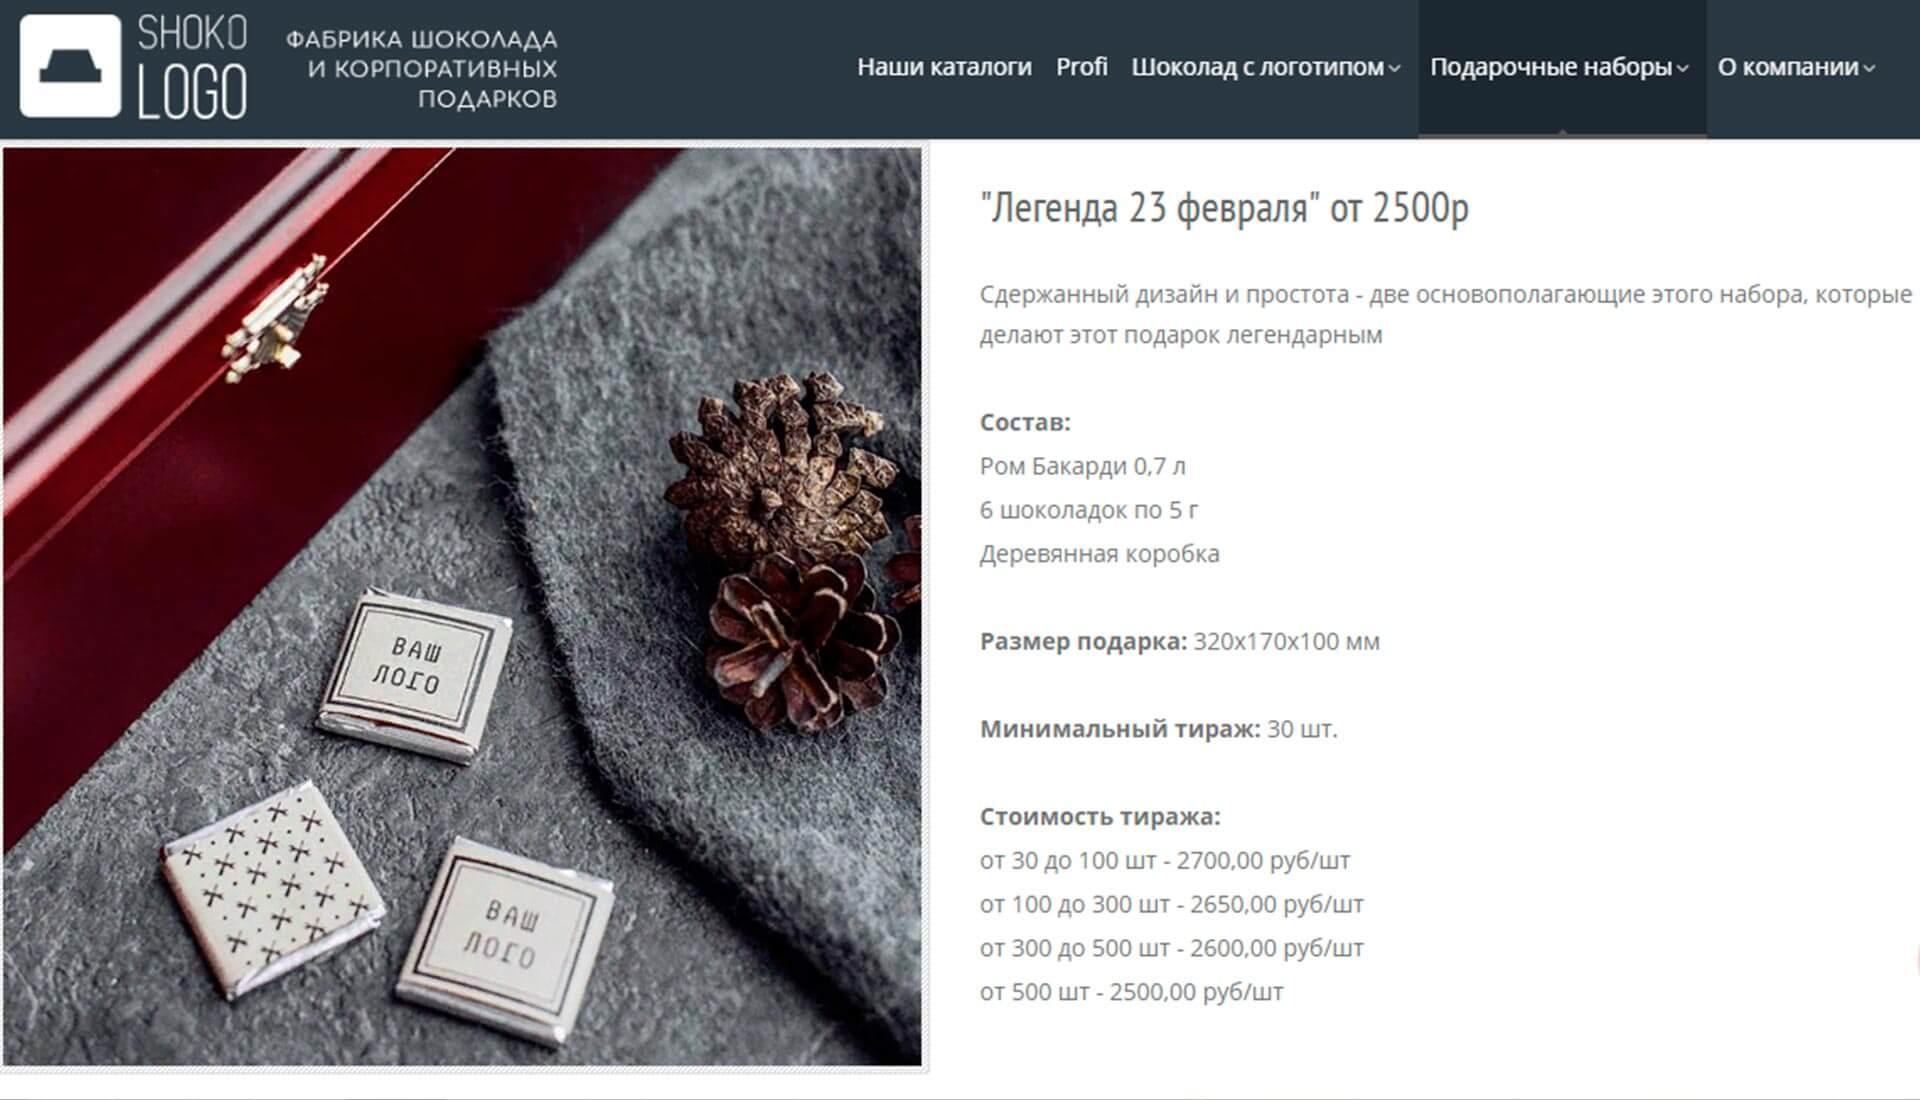 сайт шоколого фото